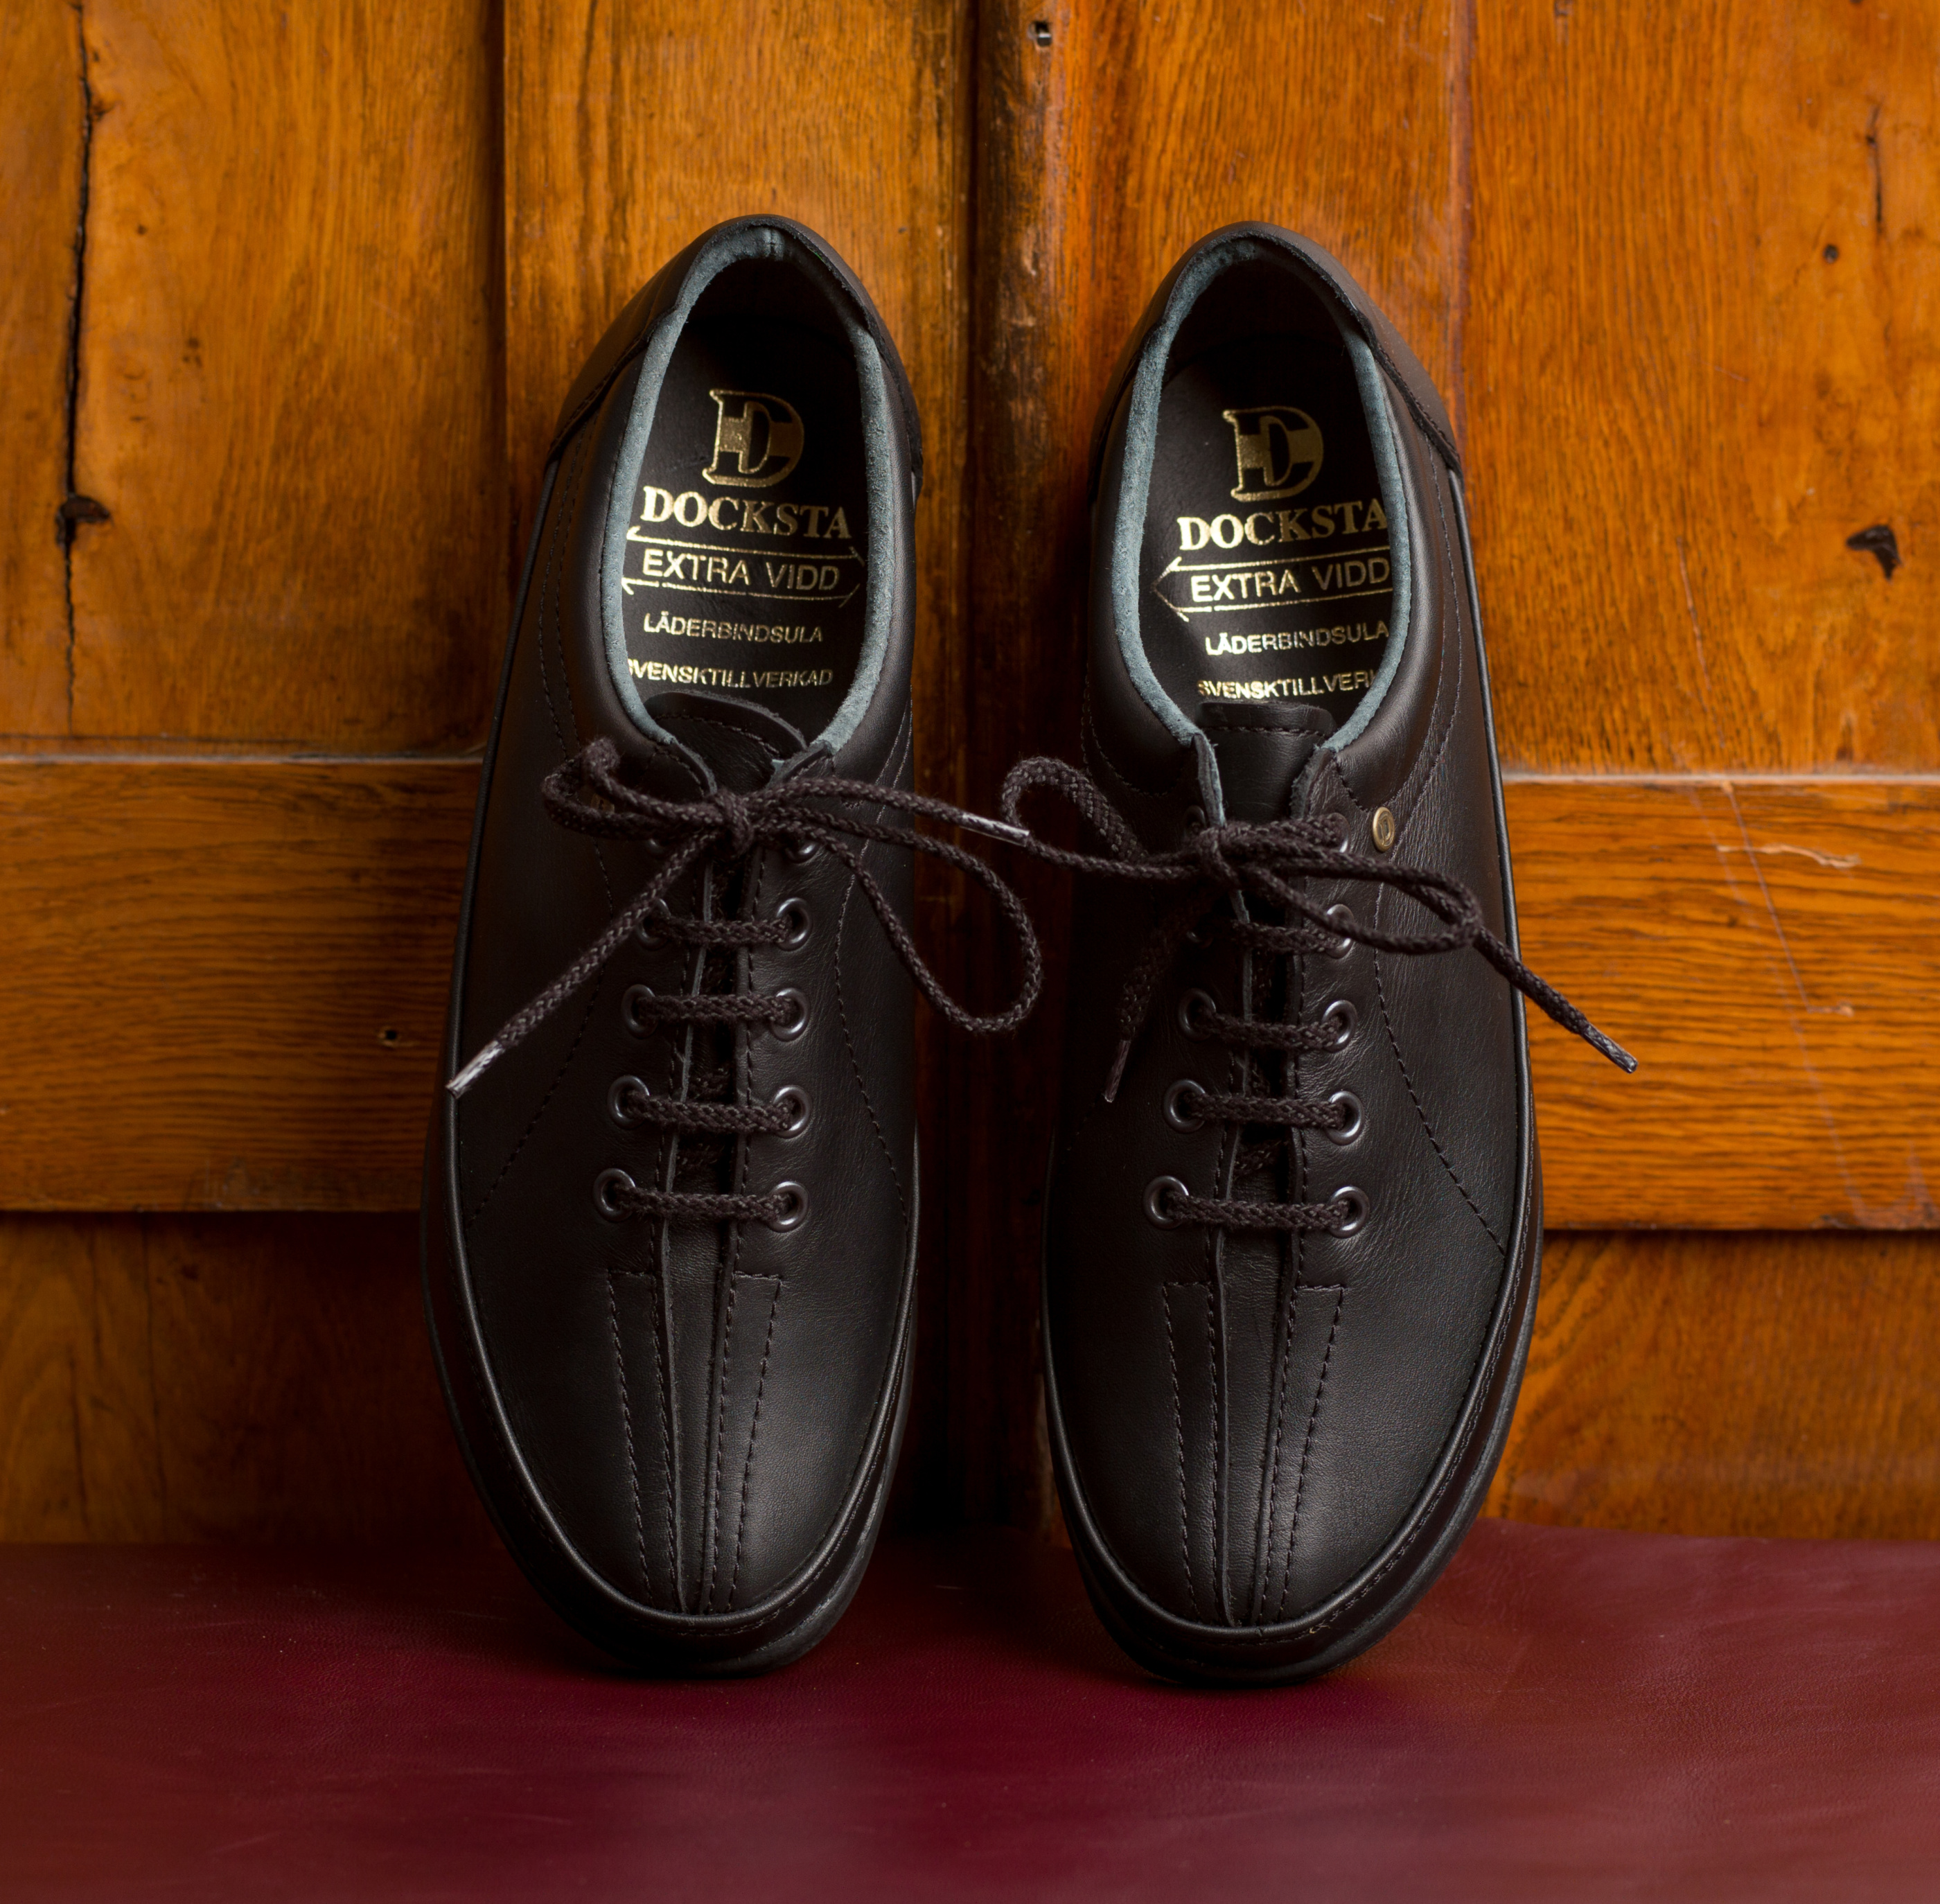 Docksta skor